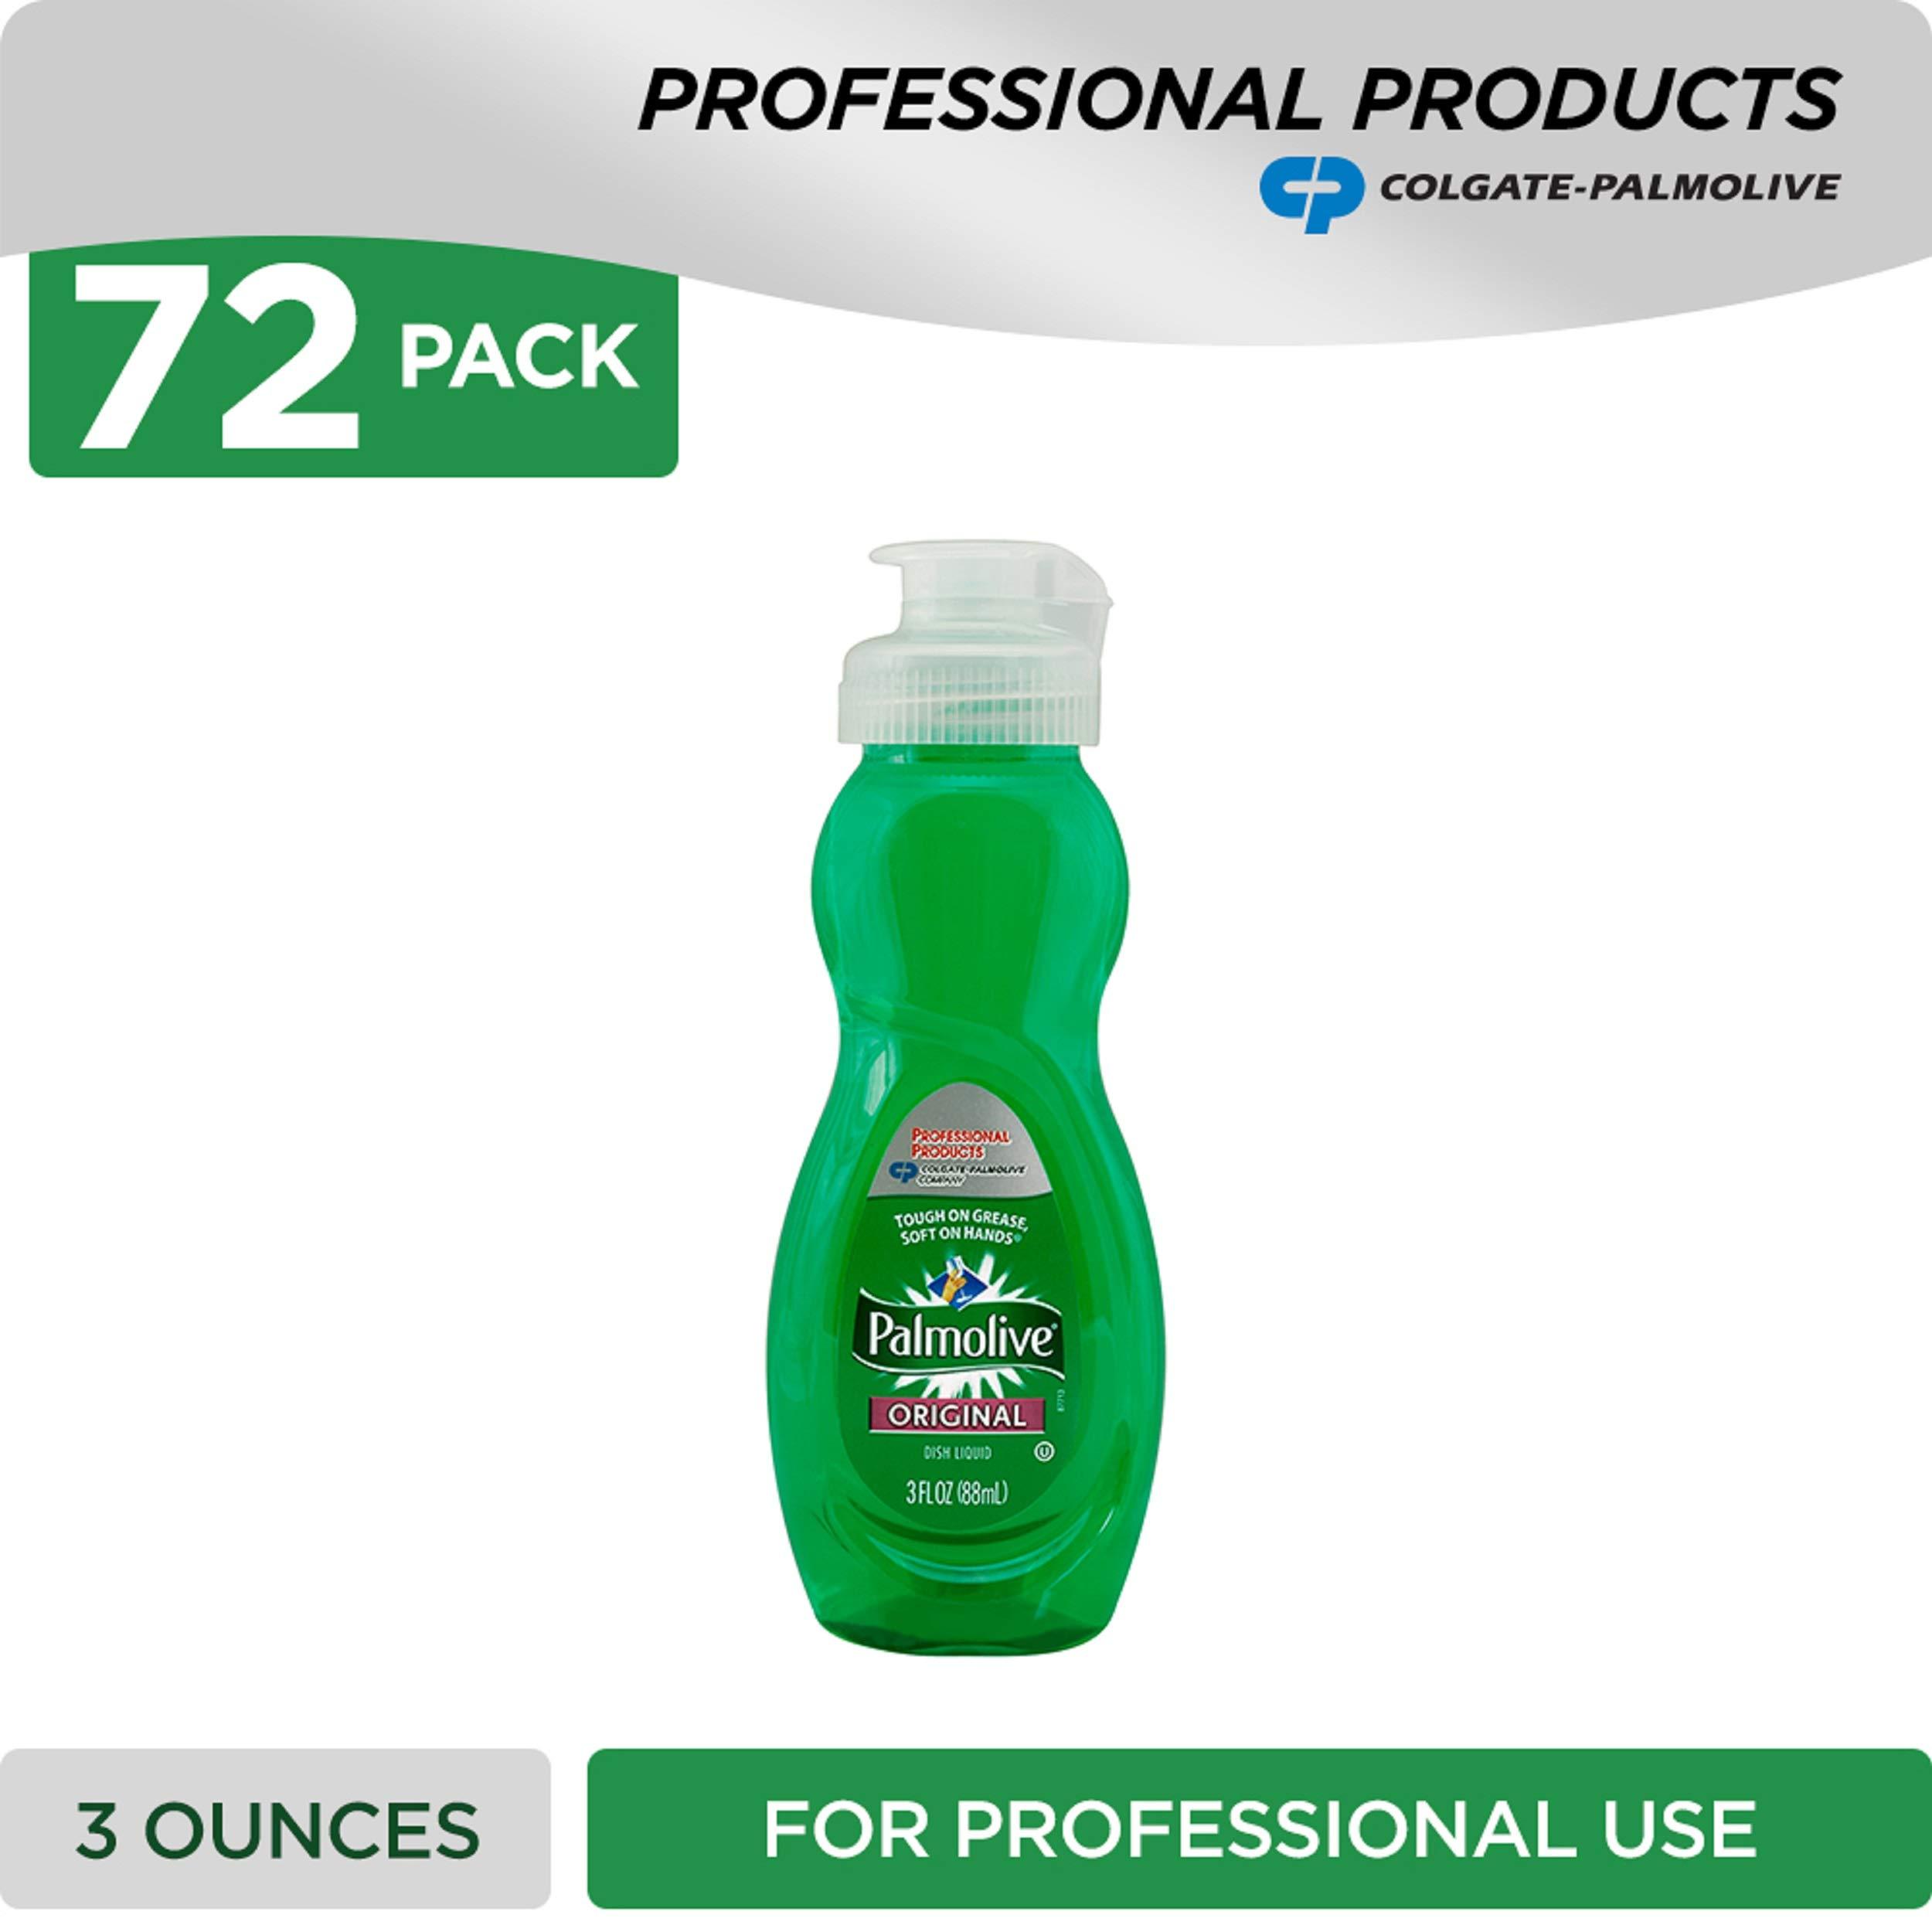 PALMOLIVE Dishwashing Liquid, Dish Liquid Soap, Dish Soap, Phosphate Free, pH Balanced, Dishwasher Cleaner, 3 Ounce Bottle (Case of 72) (201417)